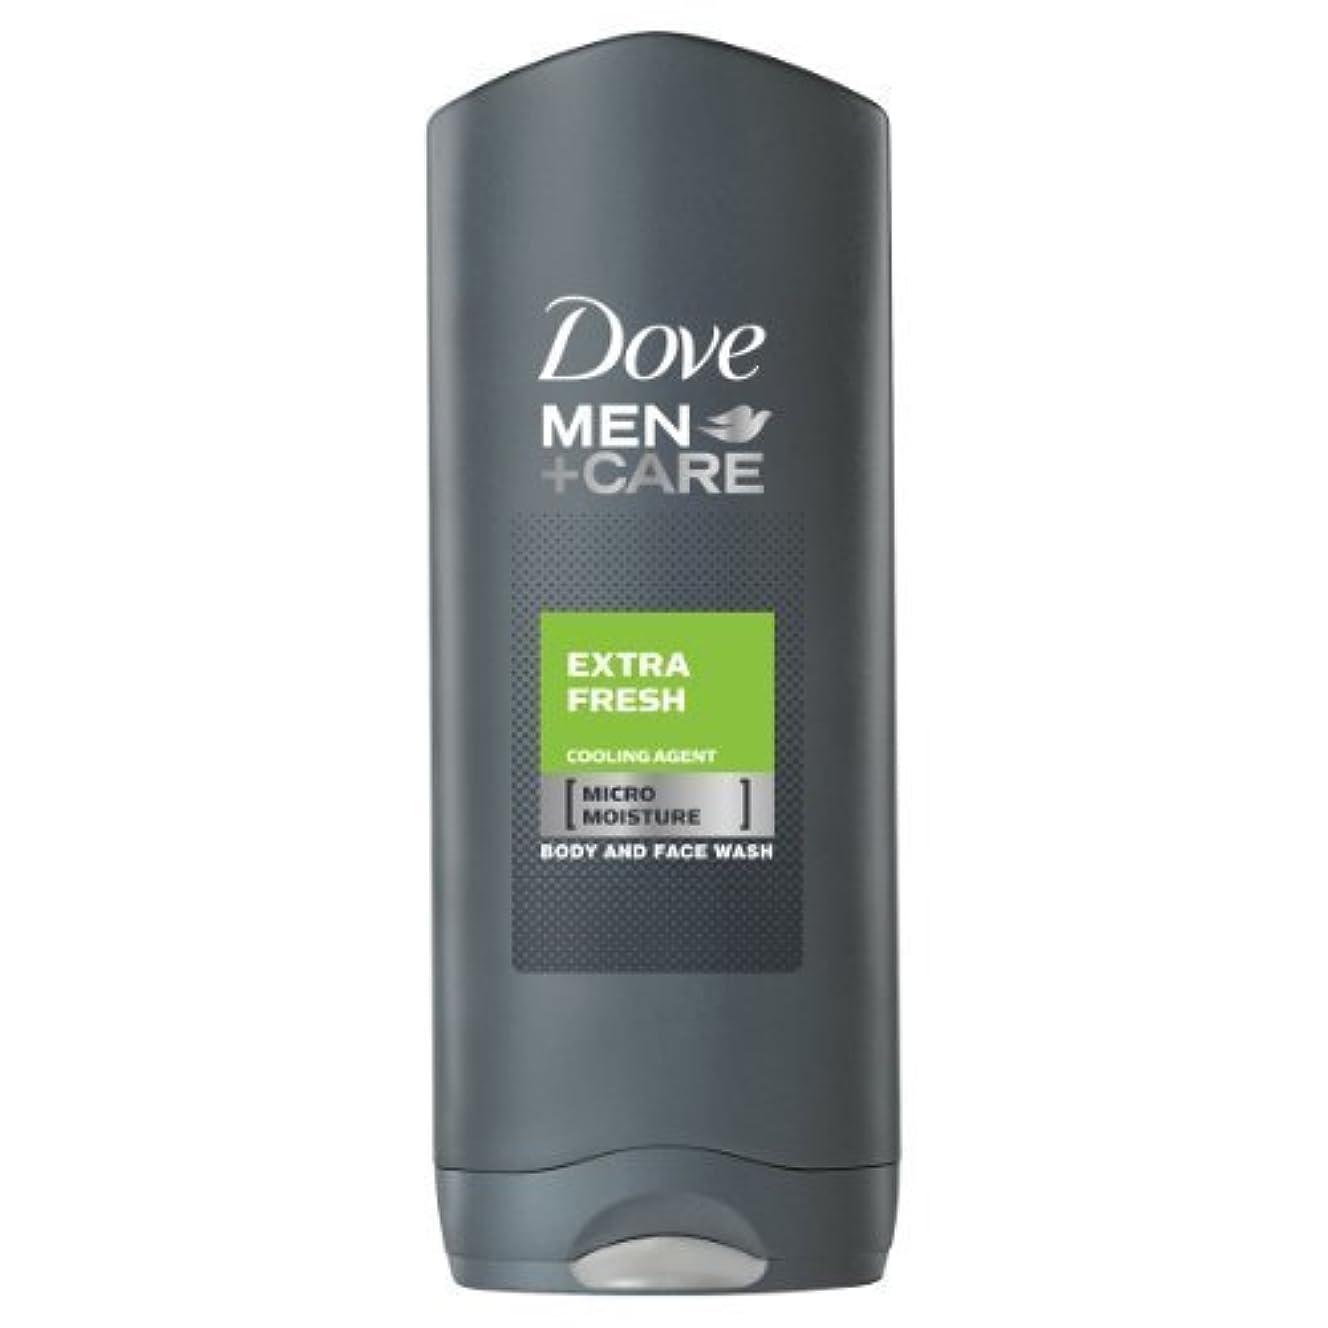 啓示ボーカルベーカリーDove for Men Extra Fresh Body and Face Wash 250 ml by Dove [並行輸入品]